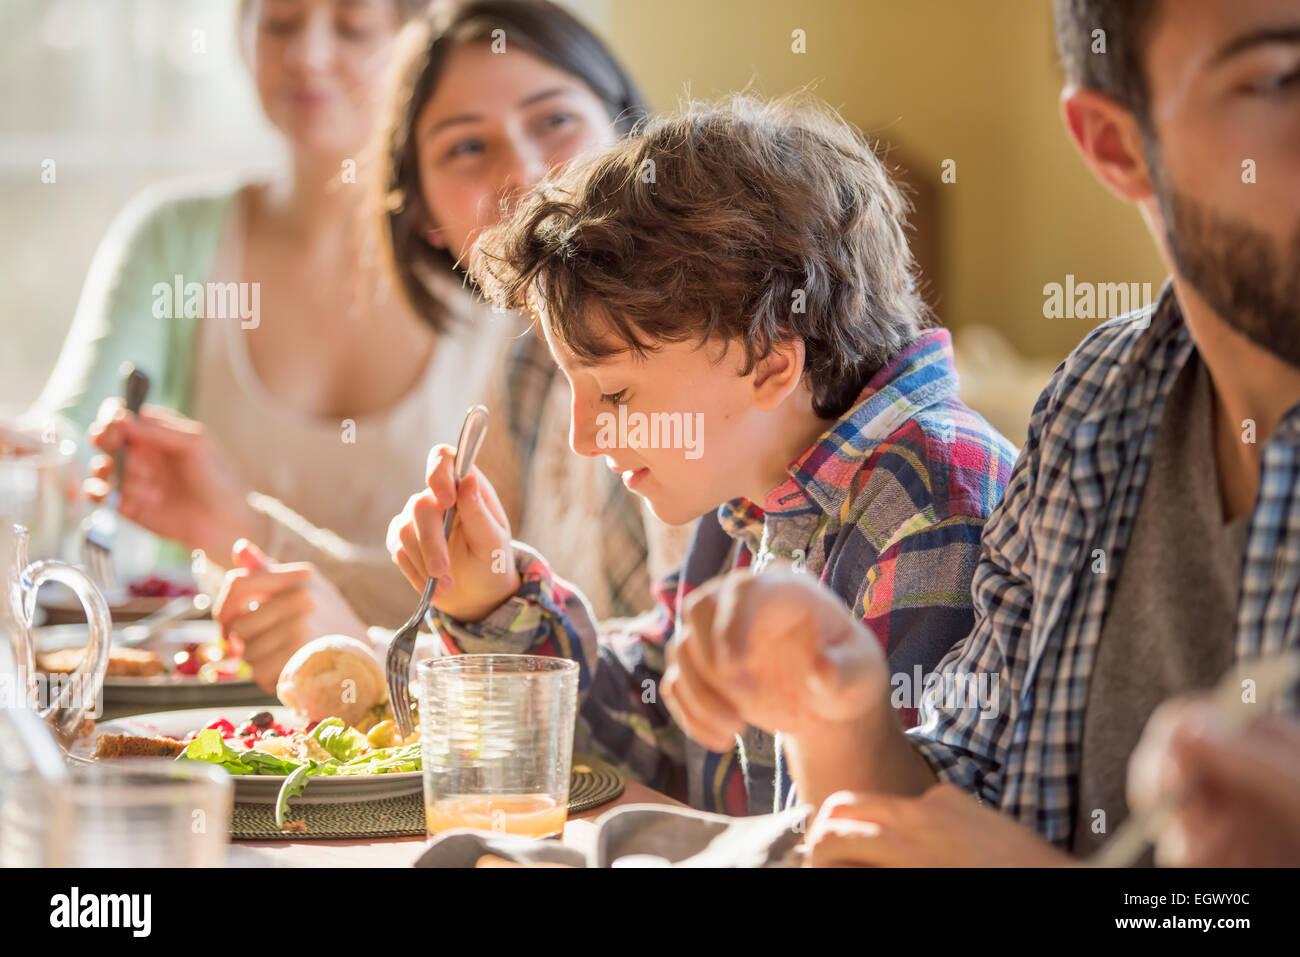 Eine Gruppe von Menschen, Erwachsene und Kinder, sitzen um einen Tisch für eine Mahlzeit. Stockbild